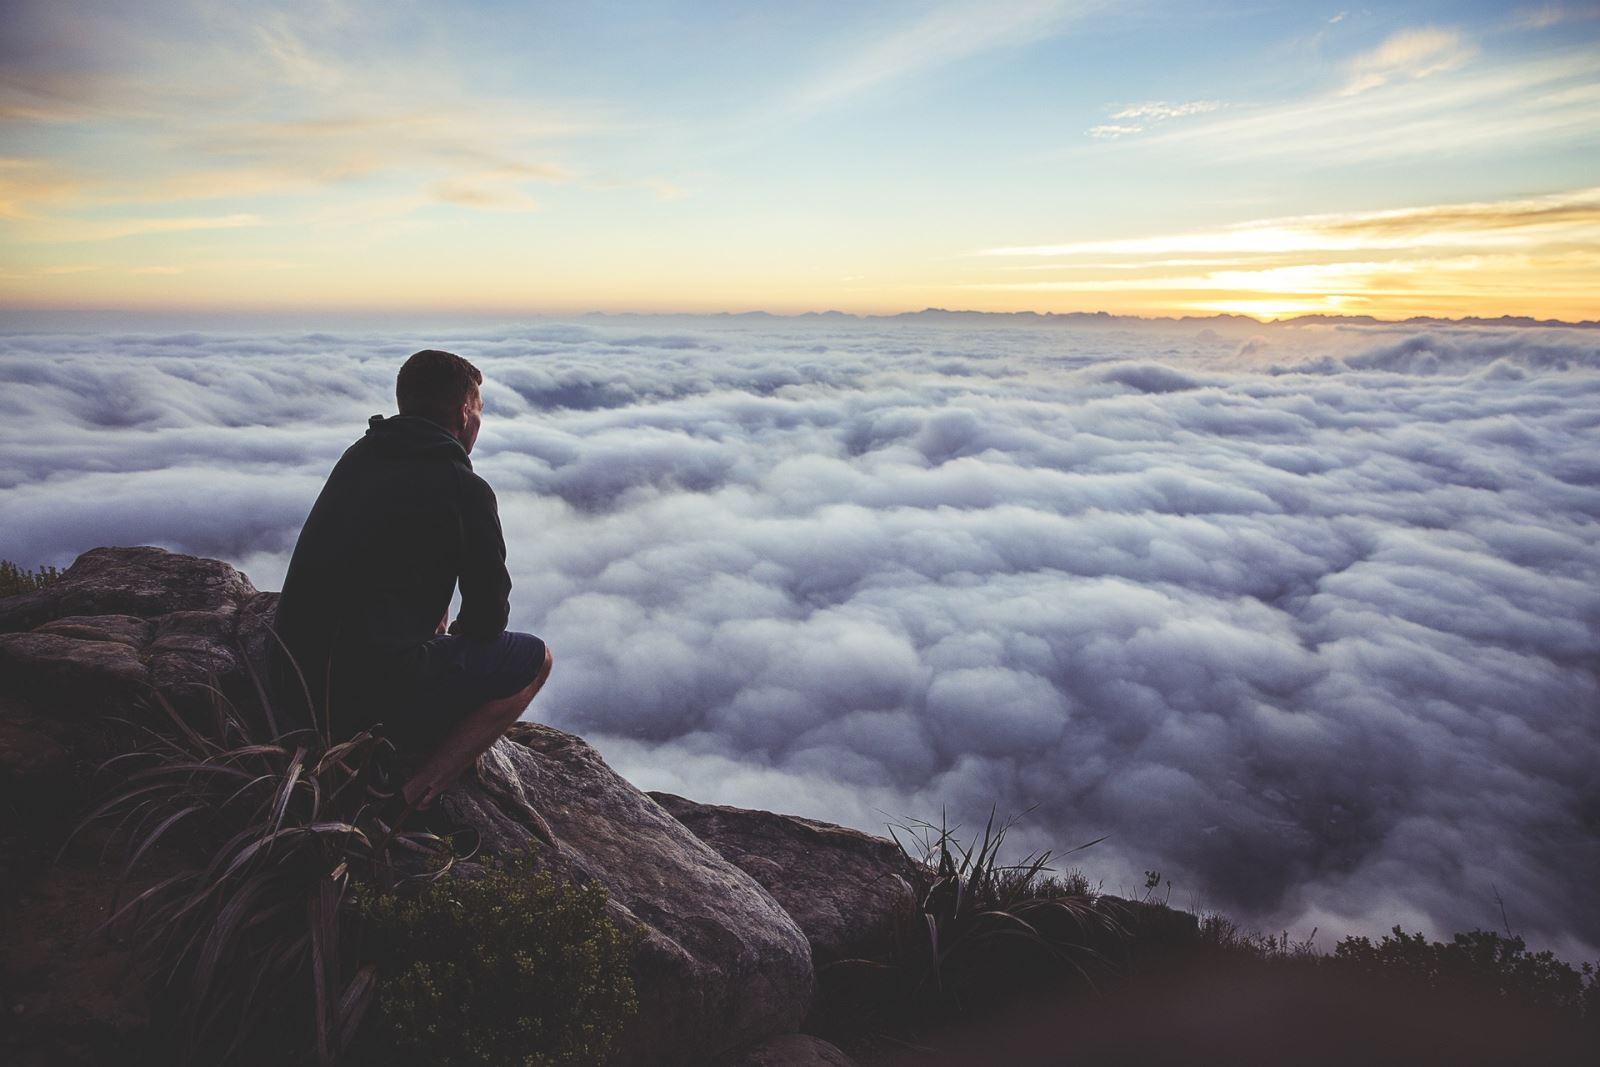 özgüvenimizi nasıl geliştiririz